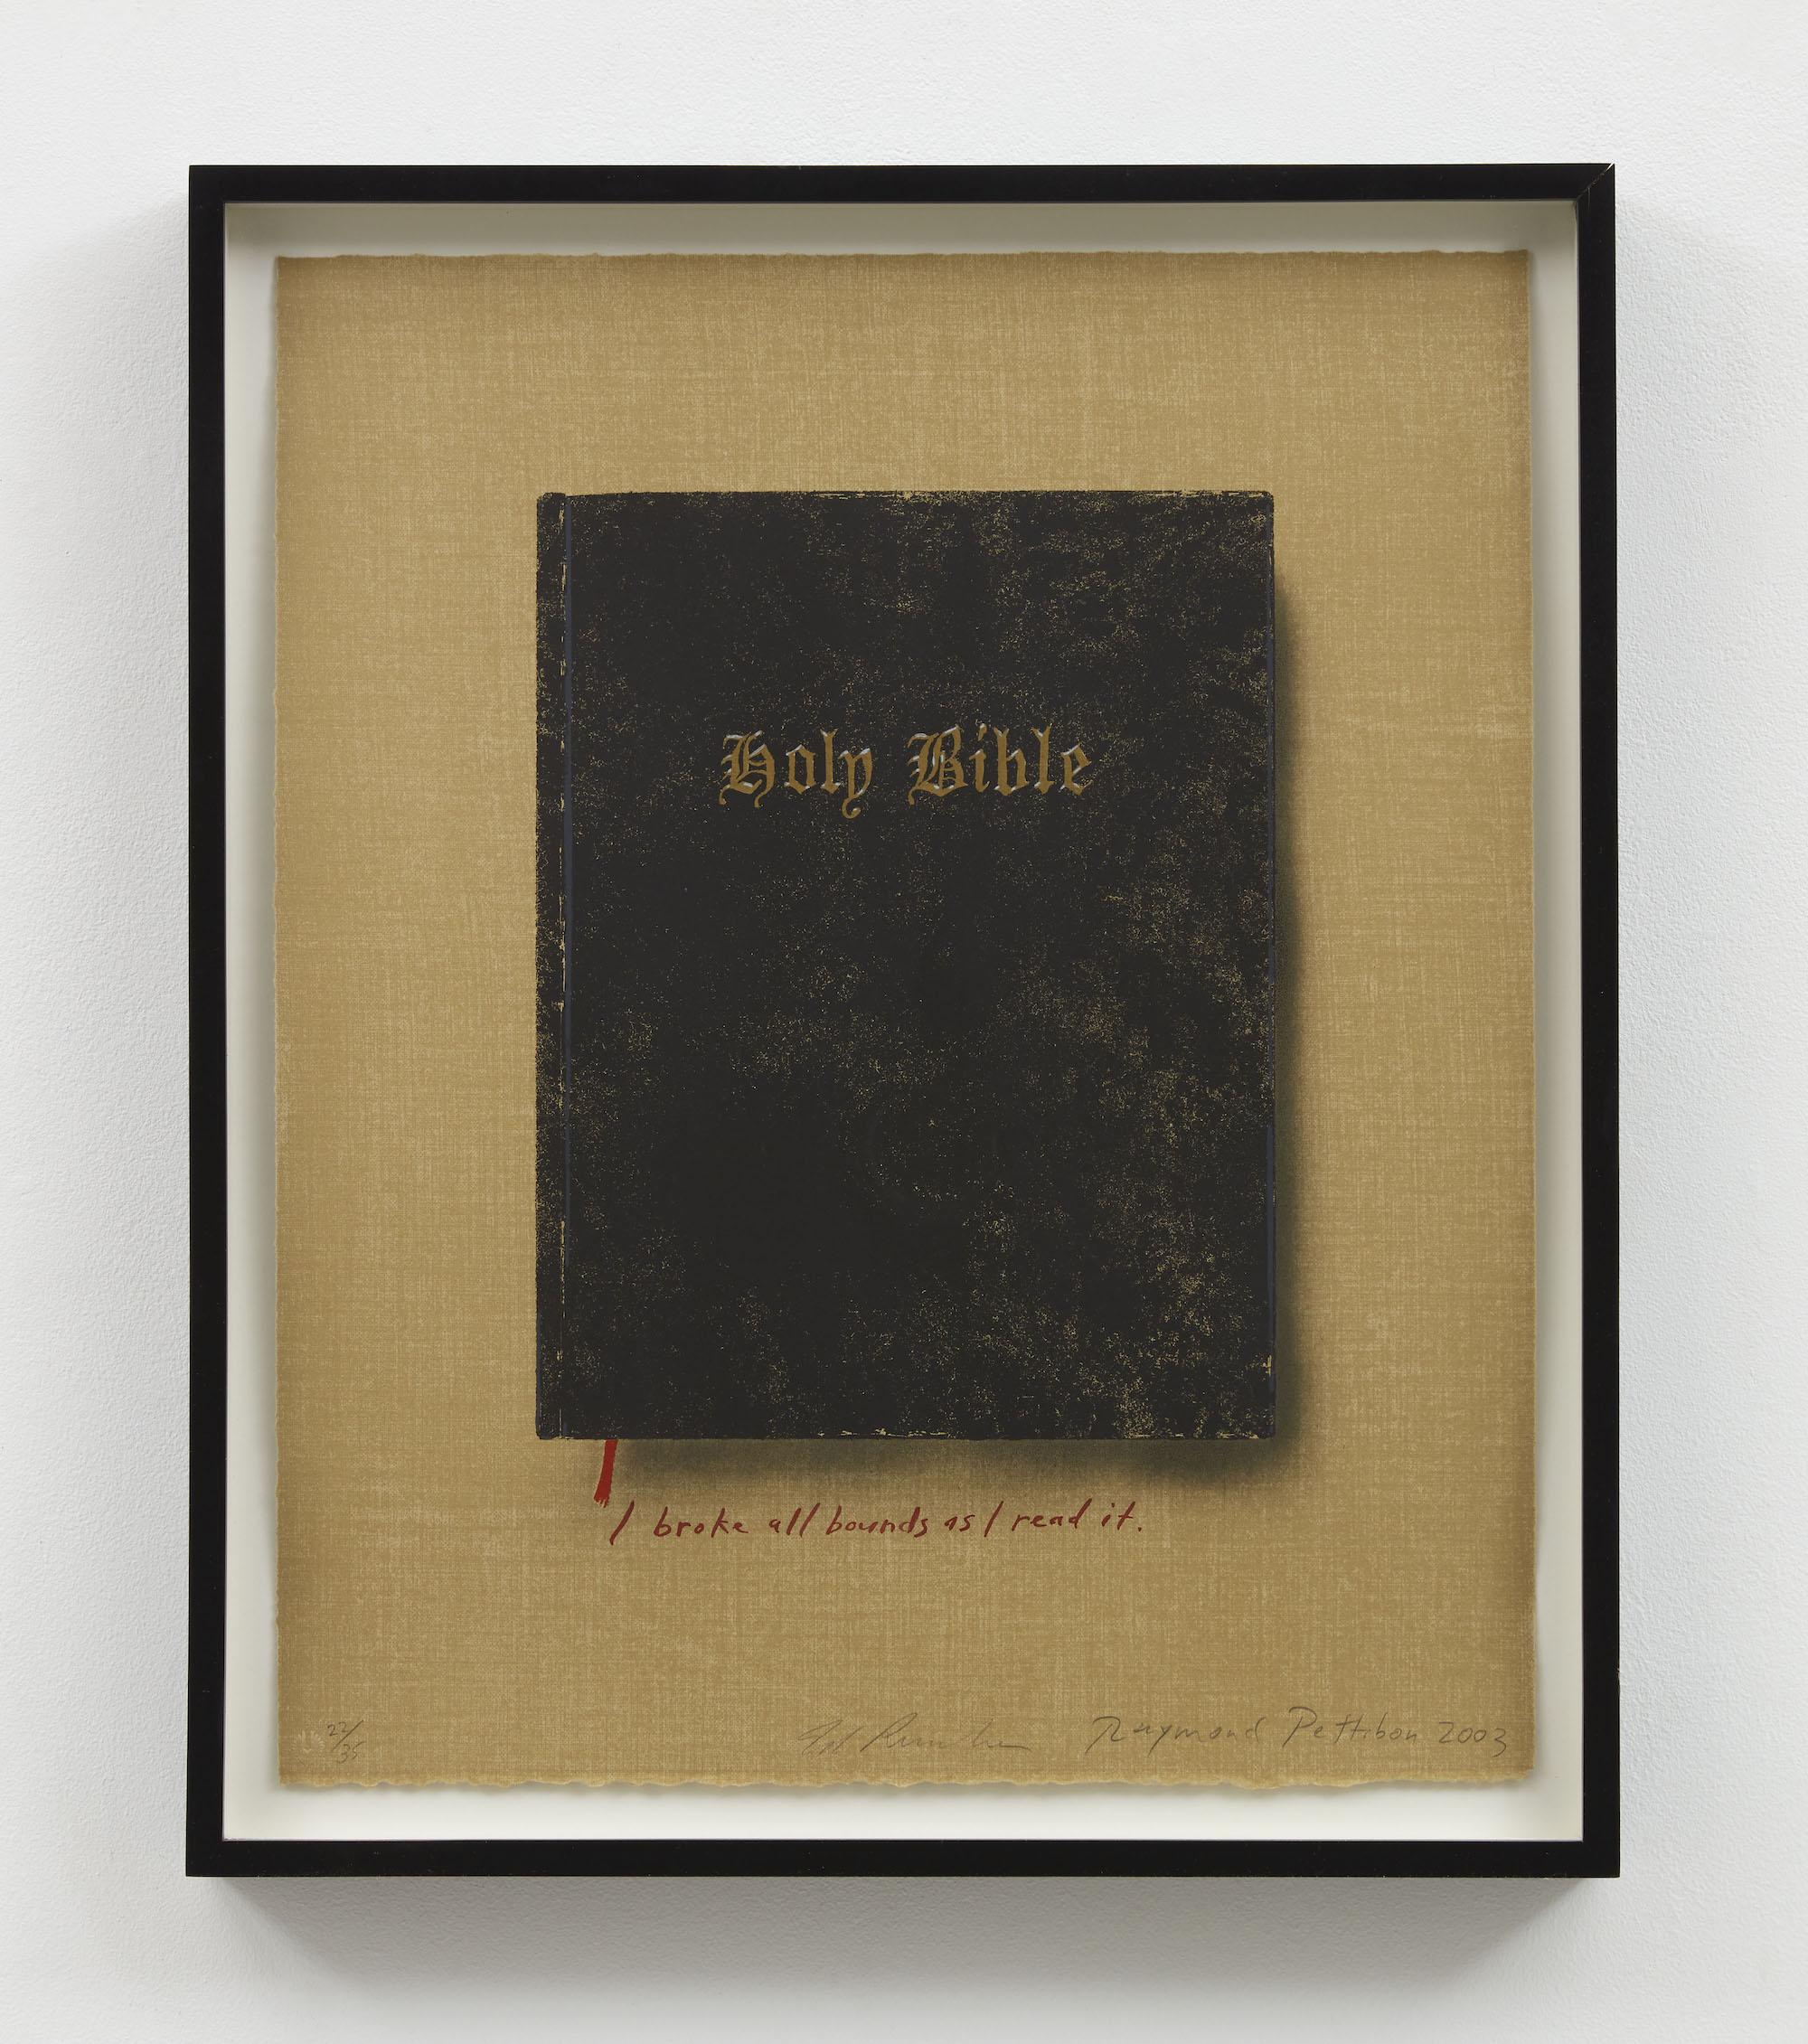 Raymond Pettibon Holy Bible (State II) (I broke all bounds)